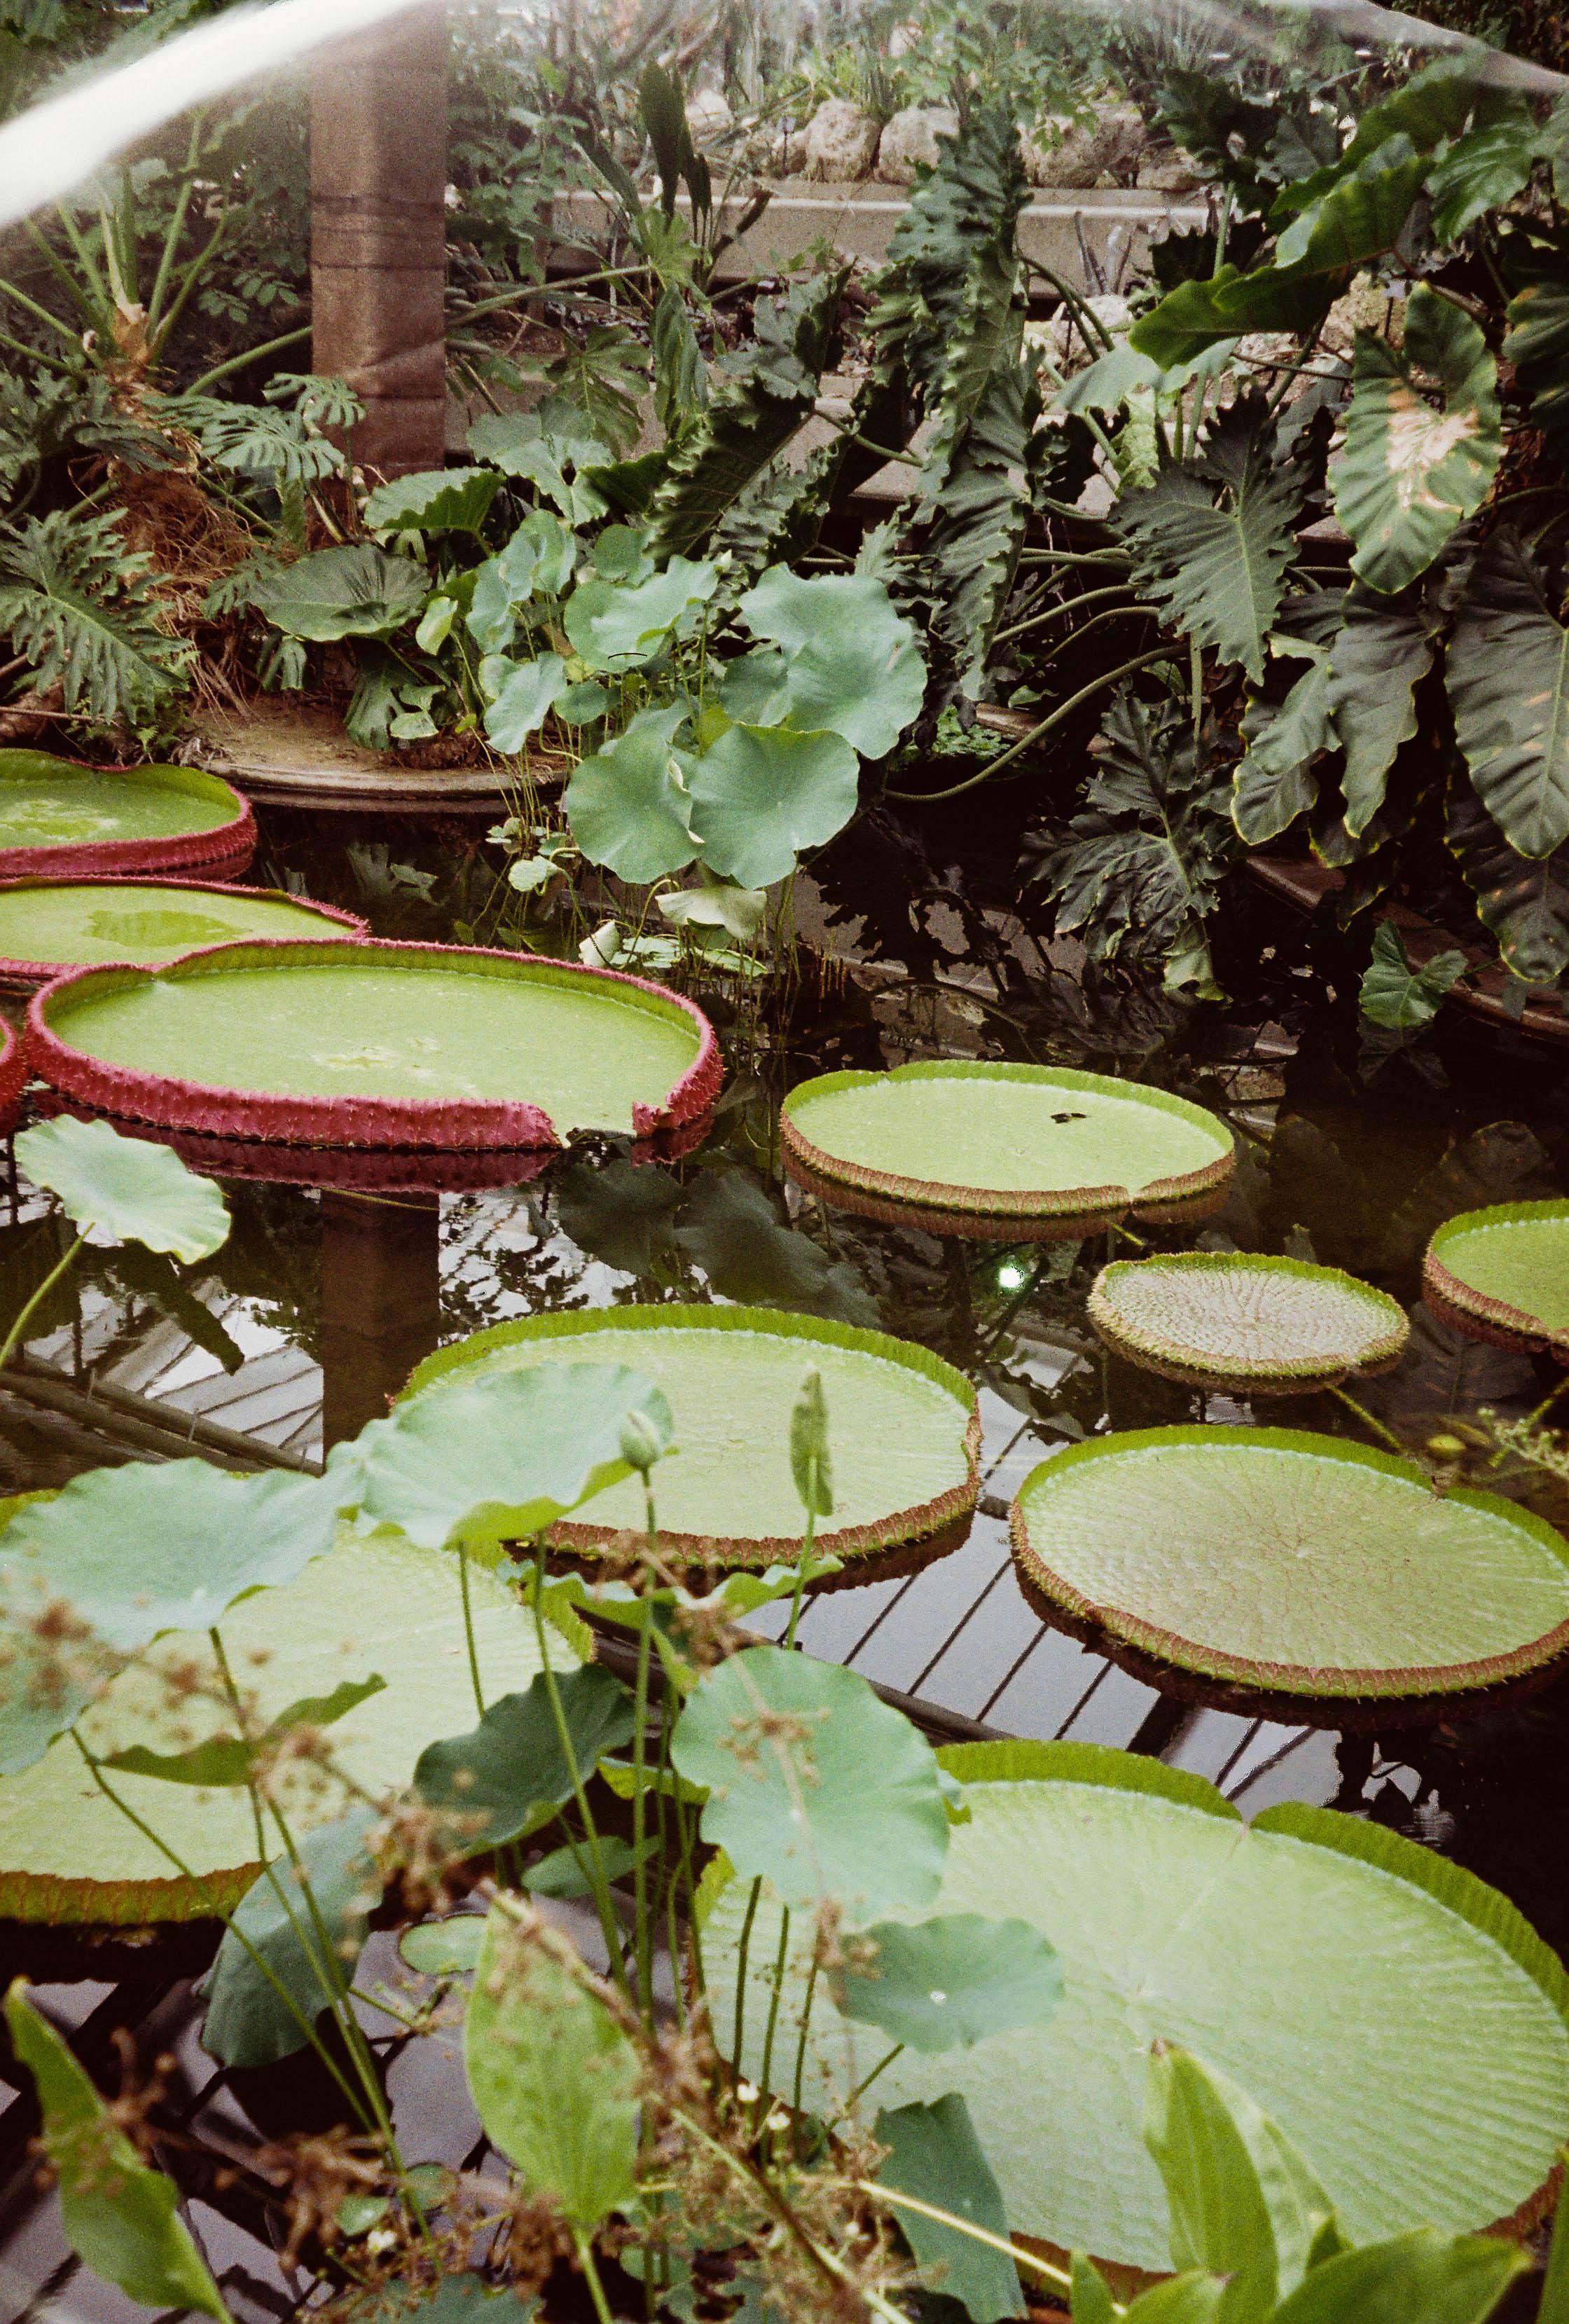 http://lafilladelfotografu.irenavisa.com/files/gimgs/107_cnv000032-1.jpg